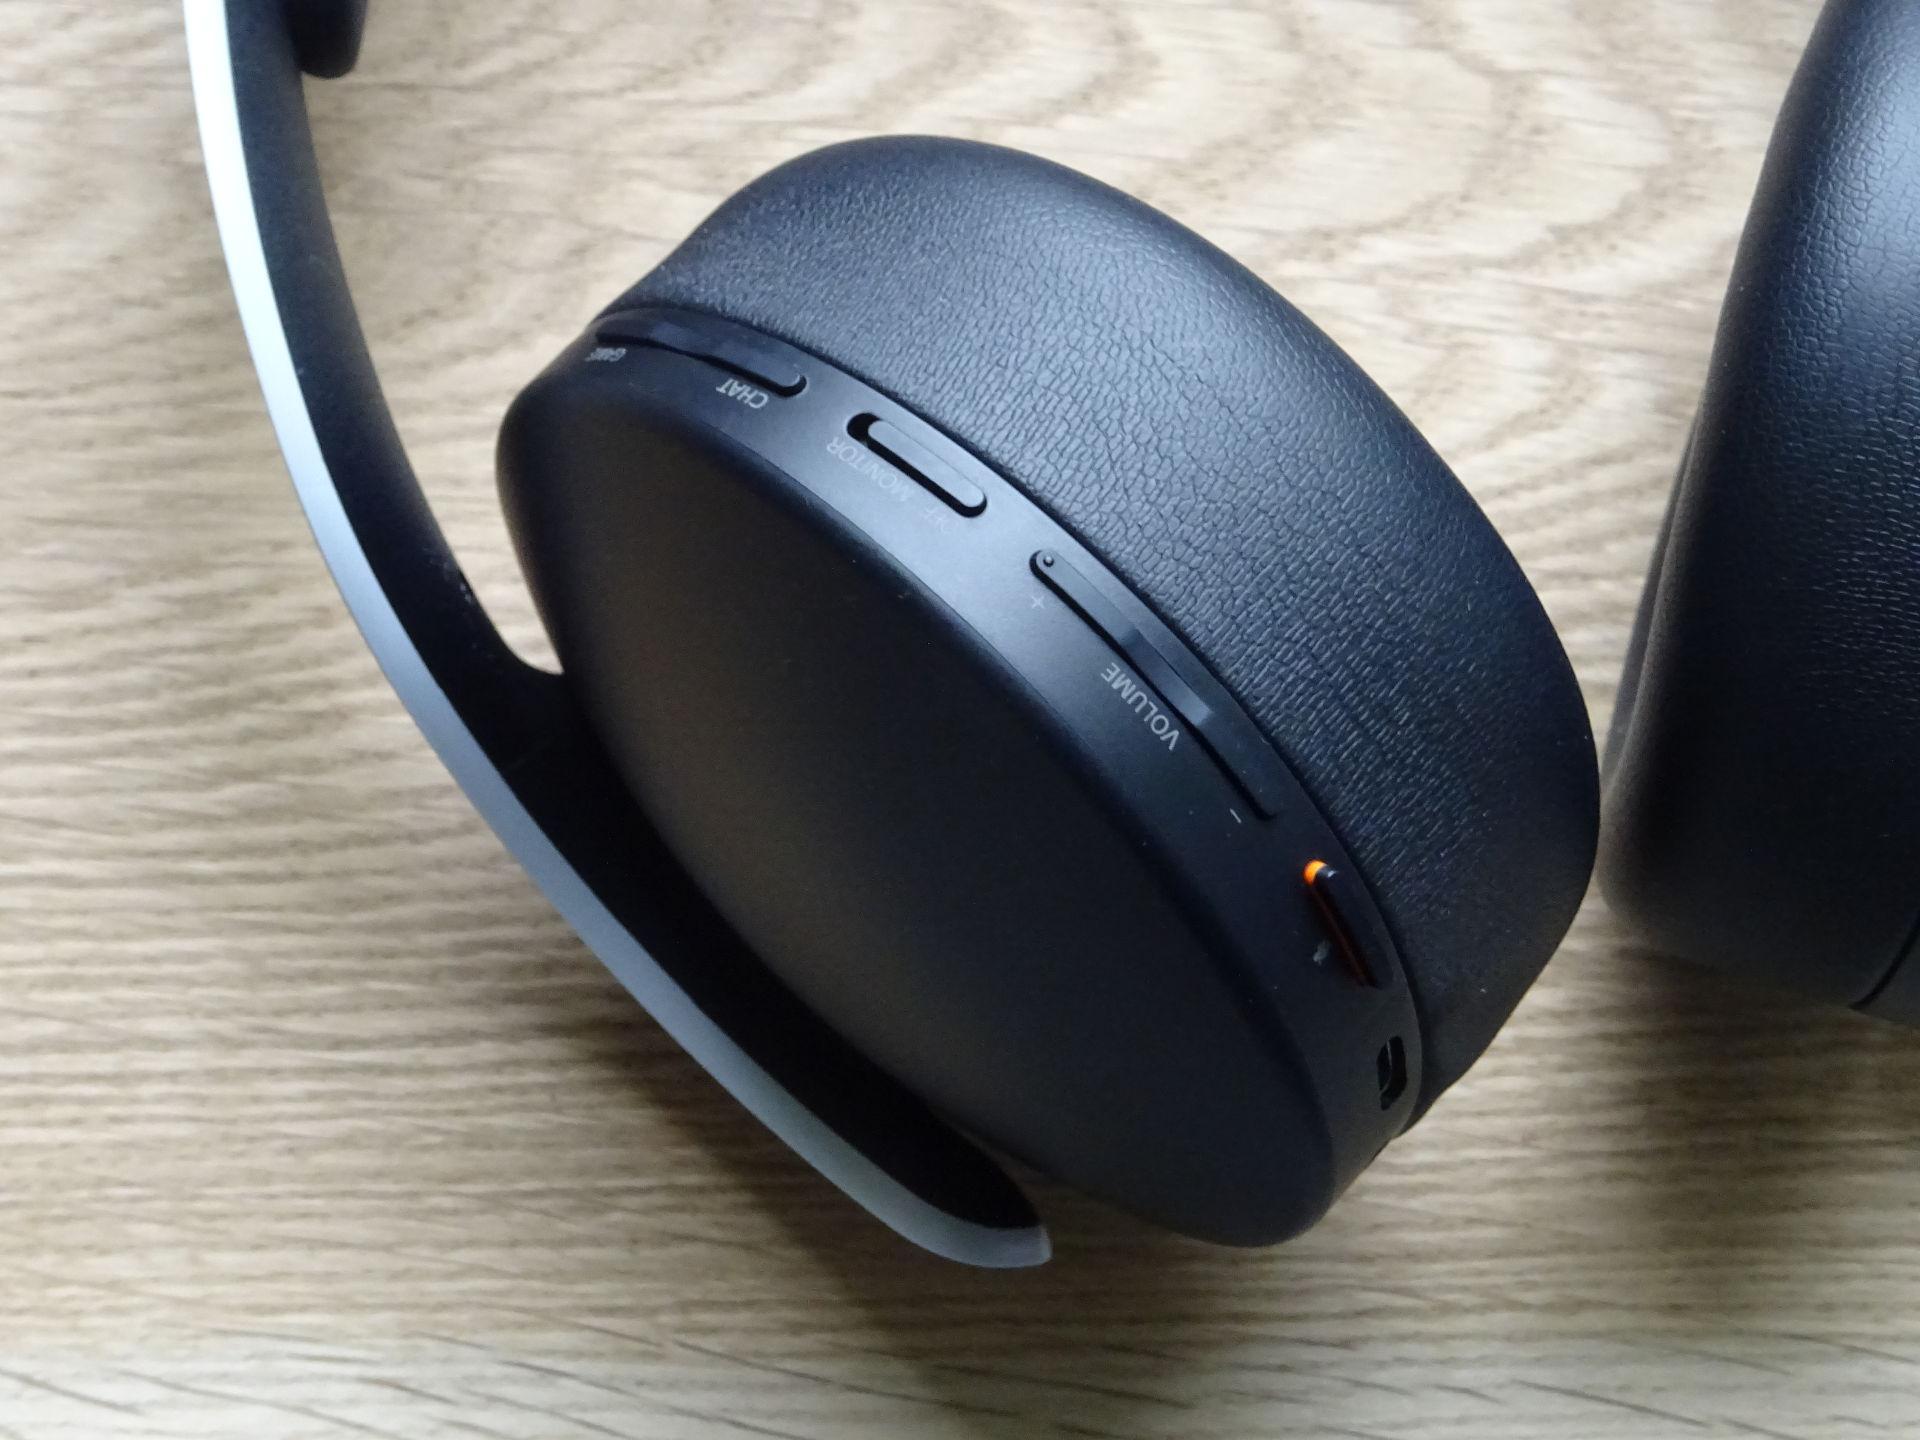 sony-pulse-3d-wireless-headset-05